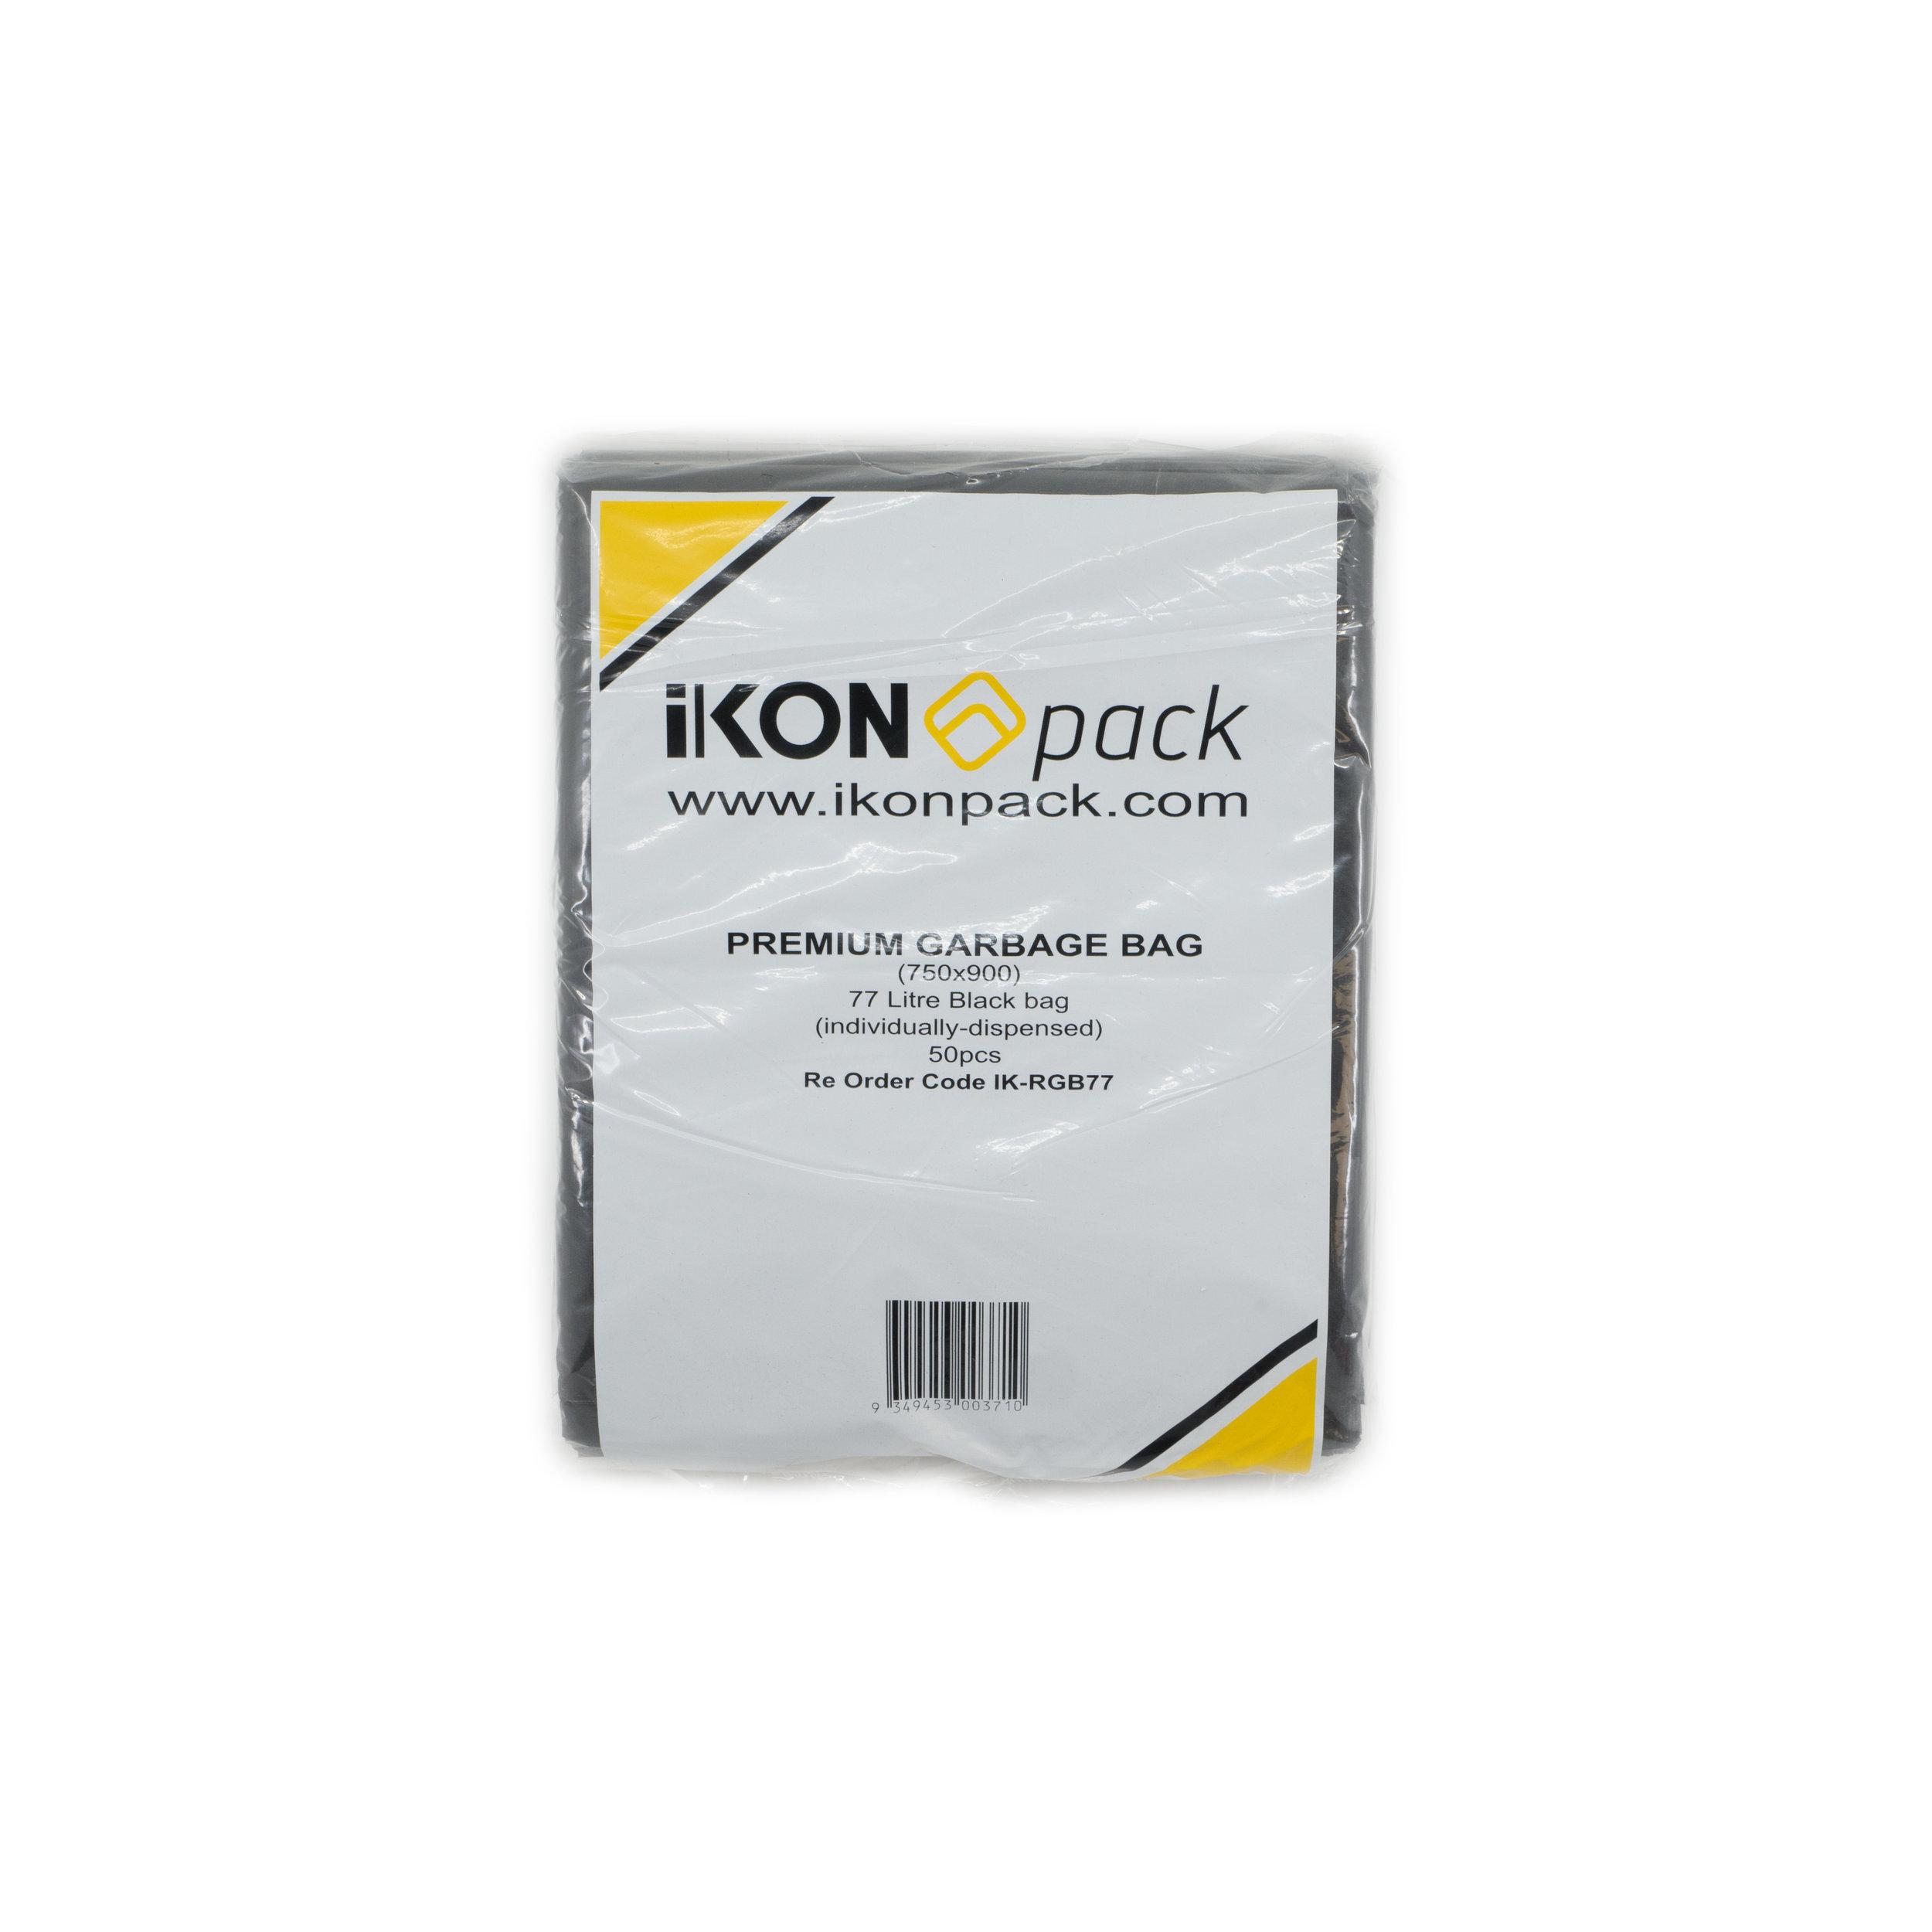 iK-RGB77 Premium Garbage Bags   77L Garbage Bags 750 x 900mm  50 pc 4 per carton